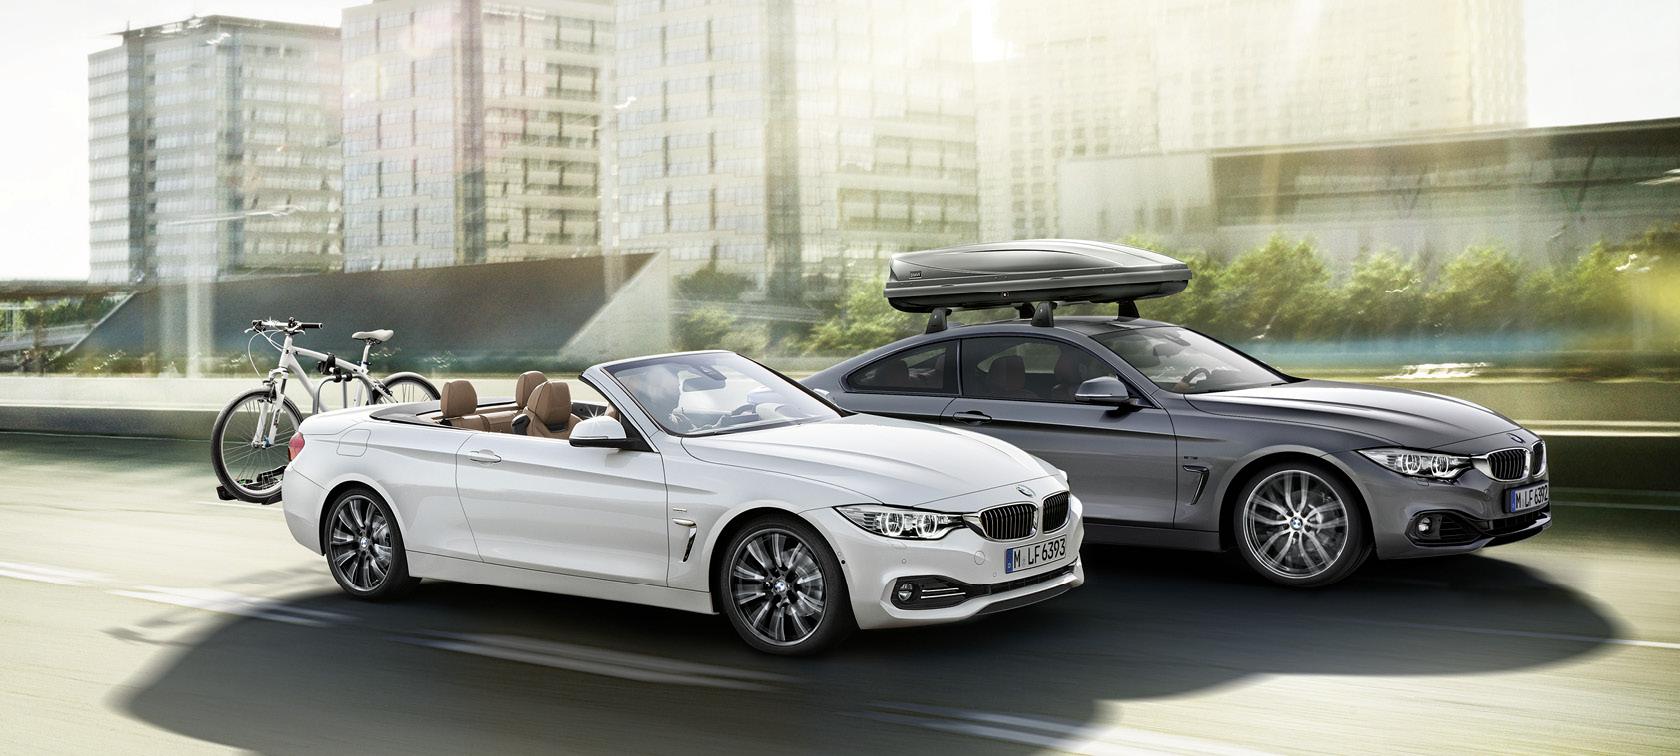 Oryginał Oryginalne akcesoria BMW | Akcesoria samochodowe | BMW Polska EE36